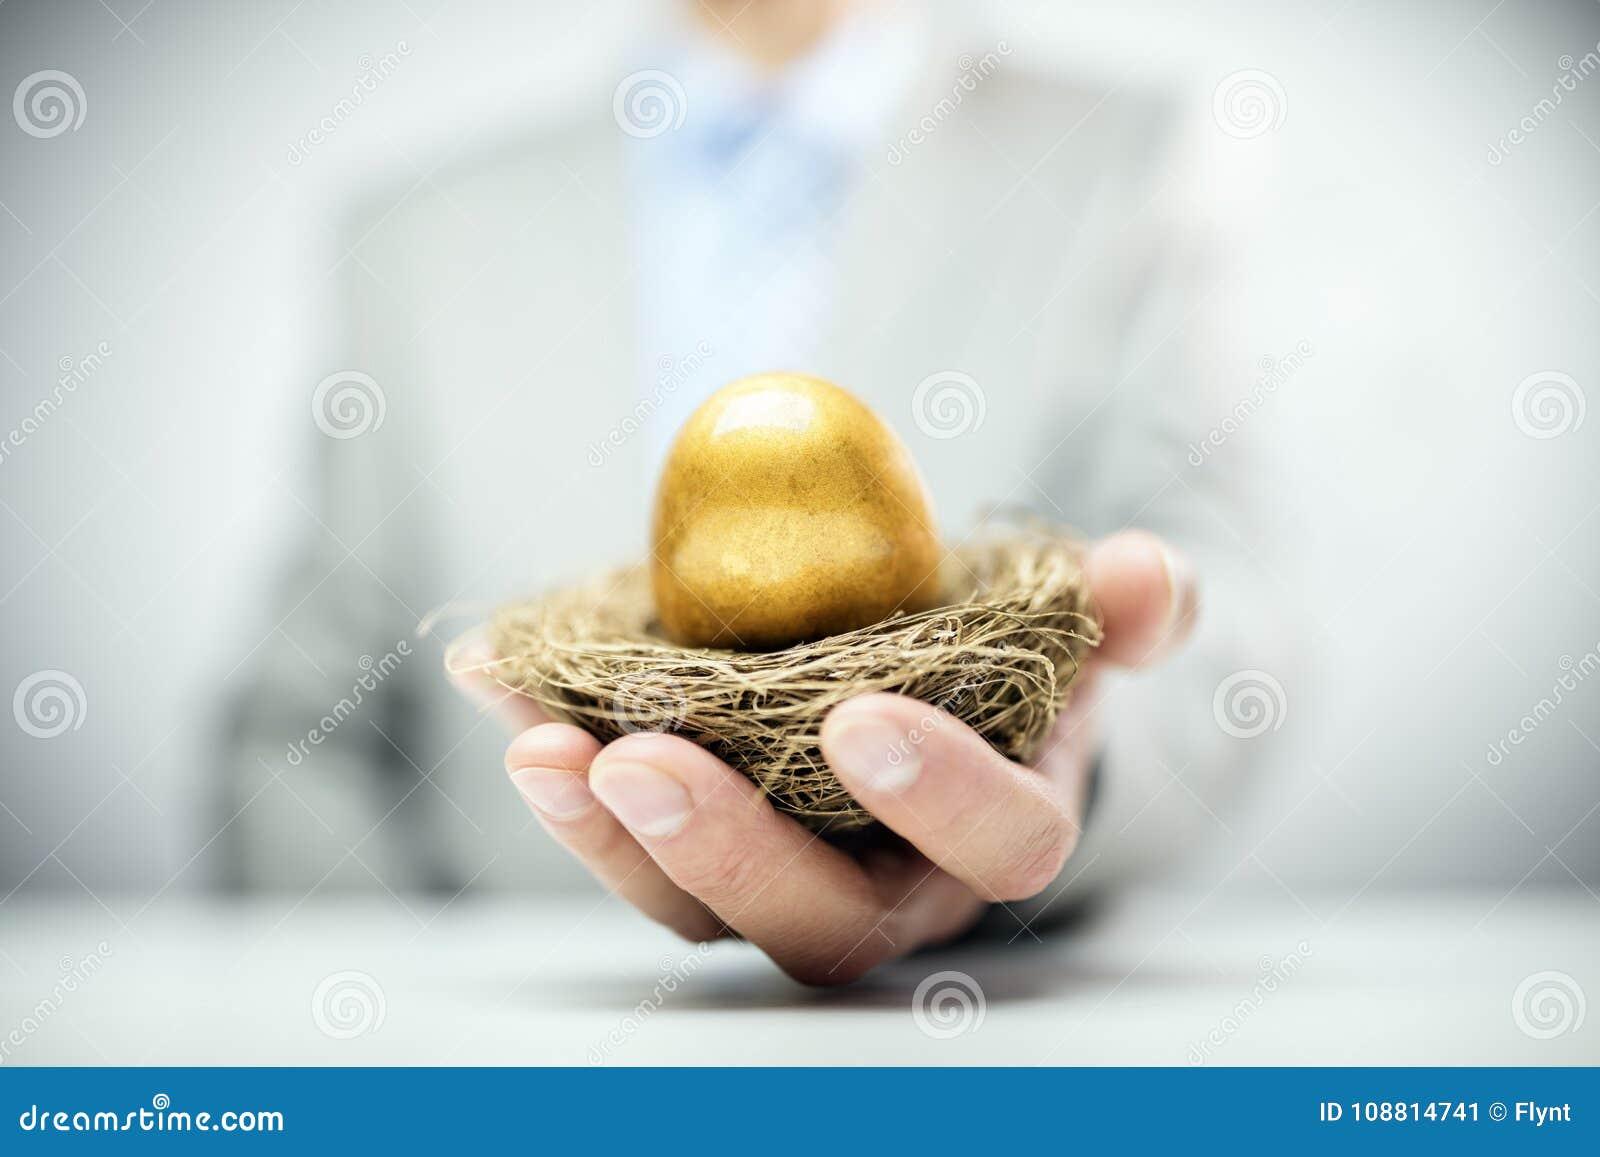 Ovo de ninho dourado das economias da aposentadoria na mão do homem de negócios